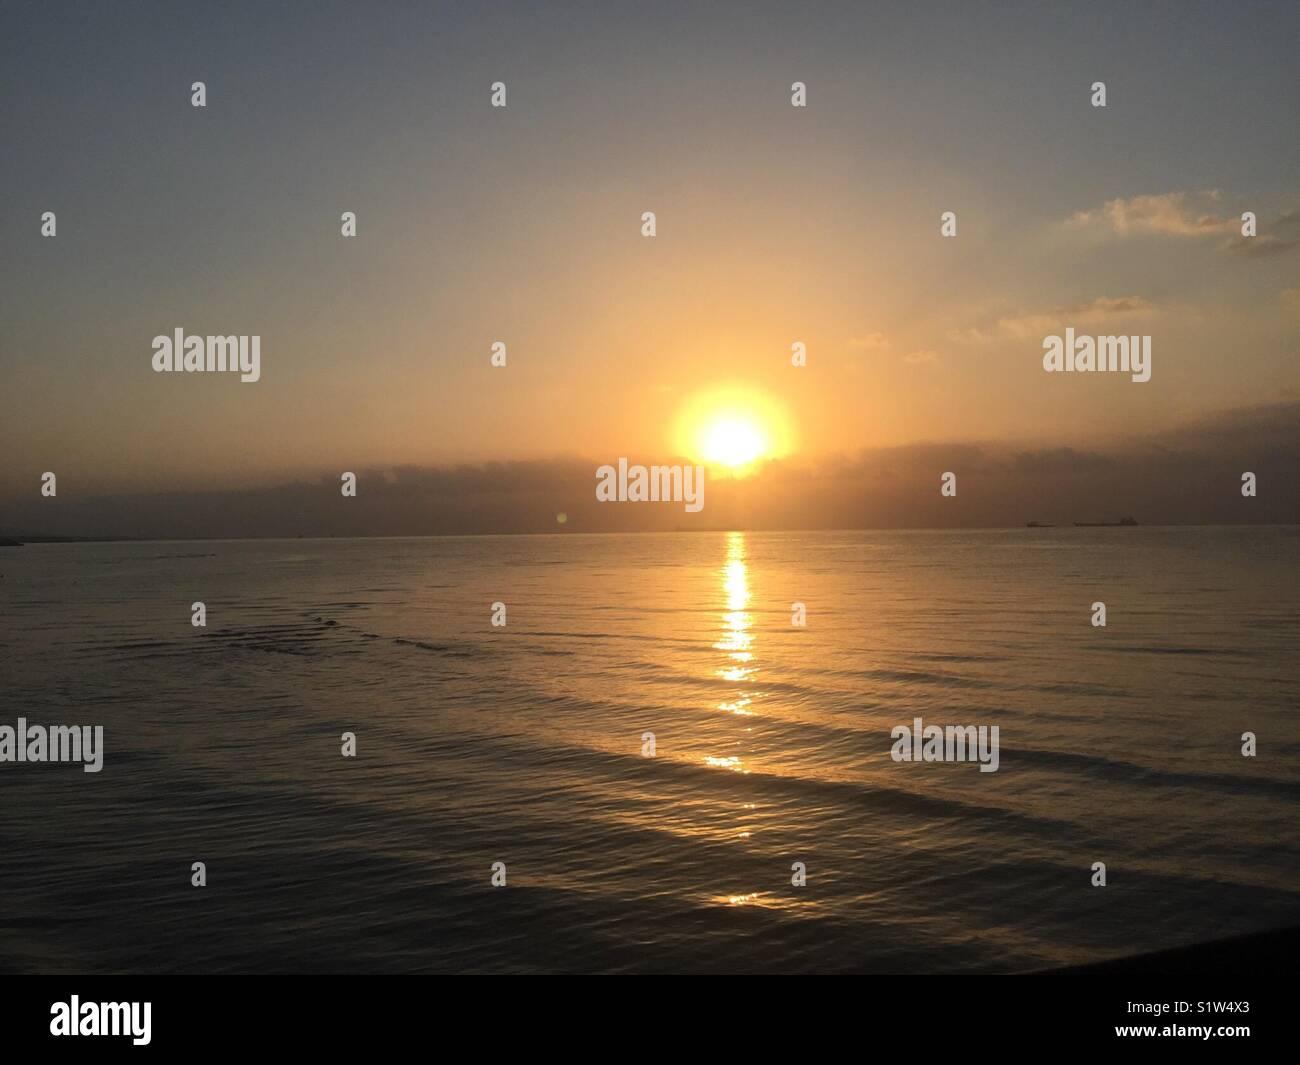 Soleil se lève tous les jours Photo Stock